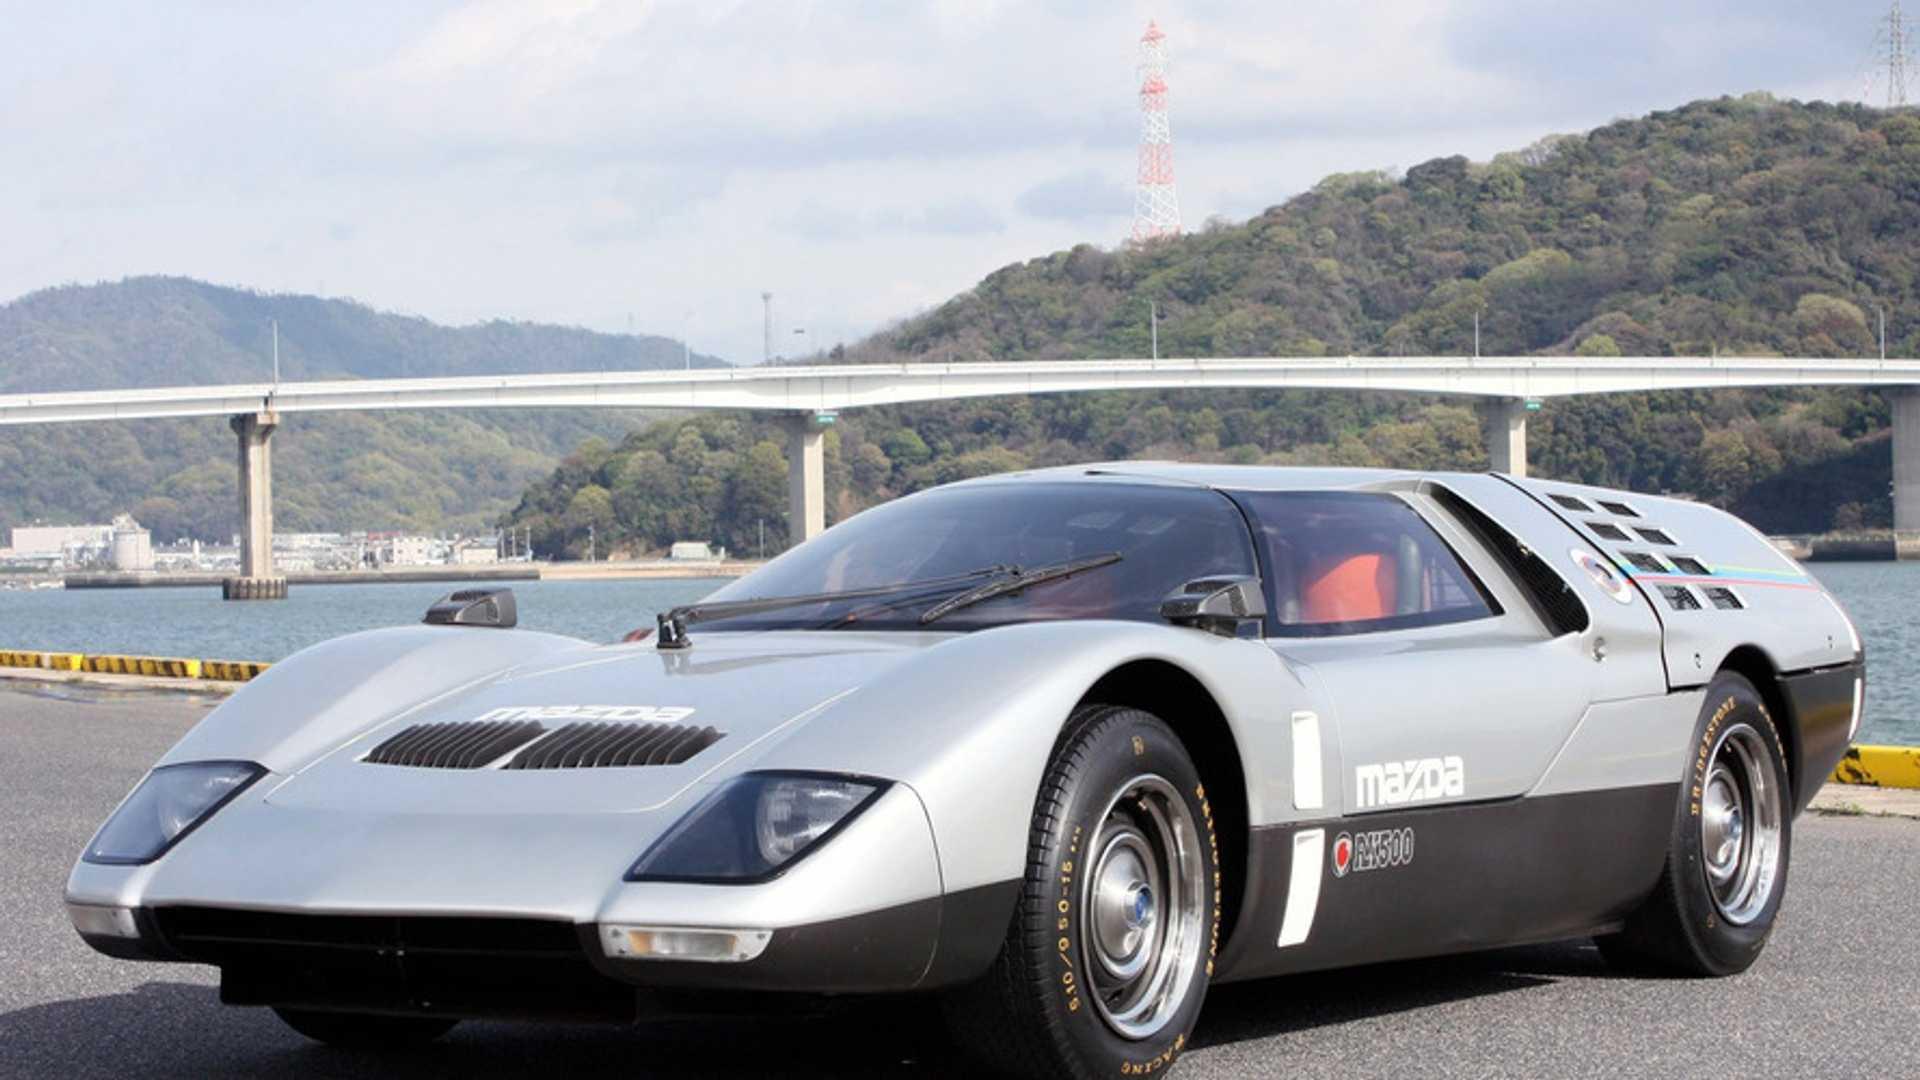 Kekurangan Mazda Rx500 Top Model Tahun Ini